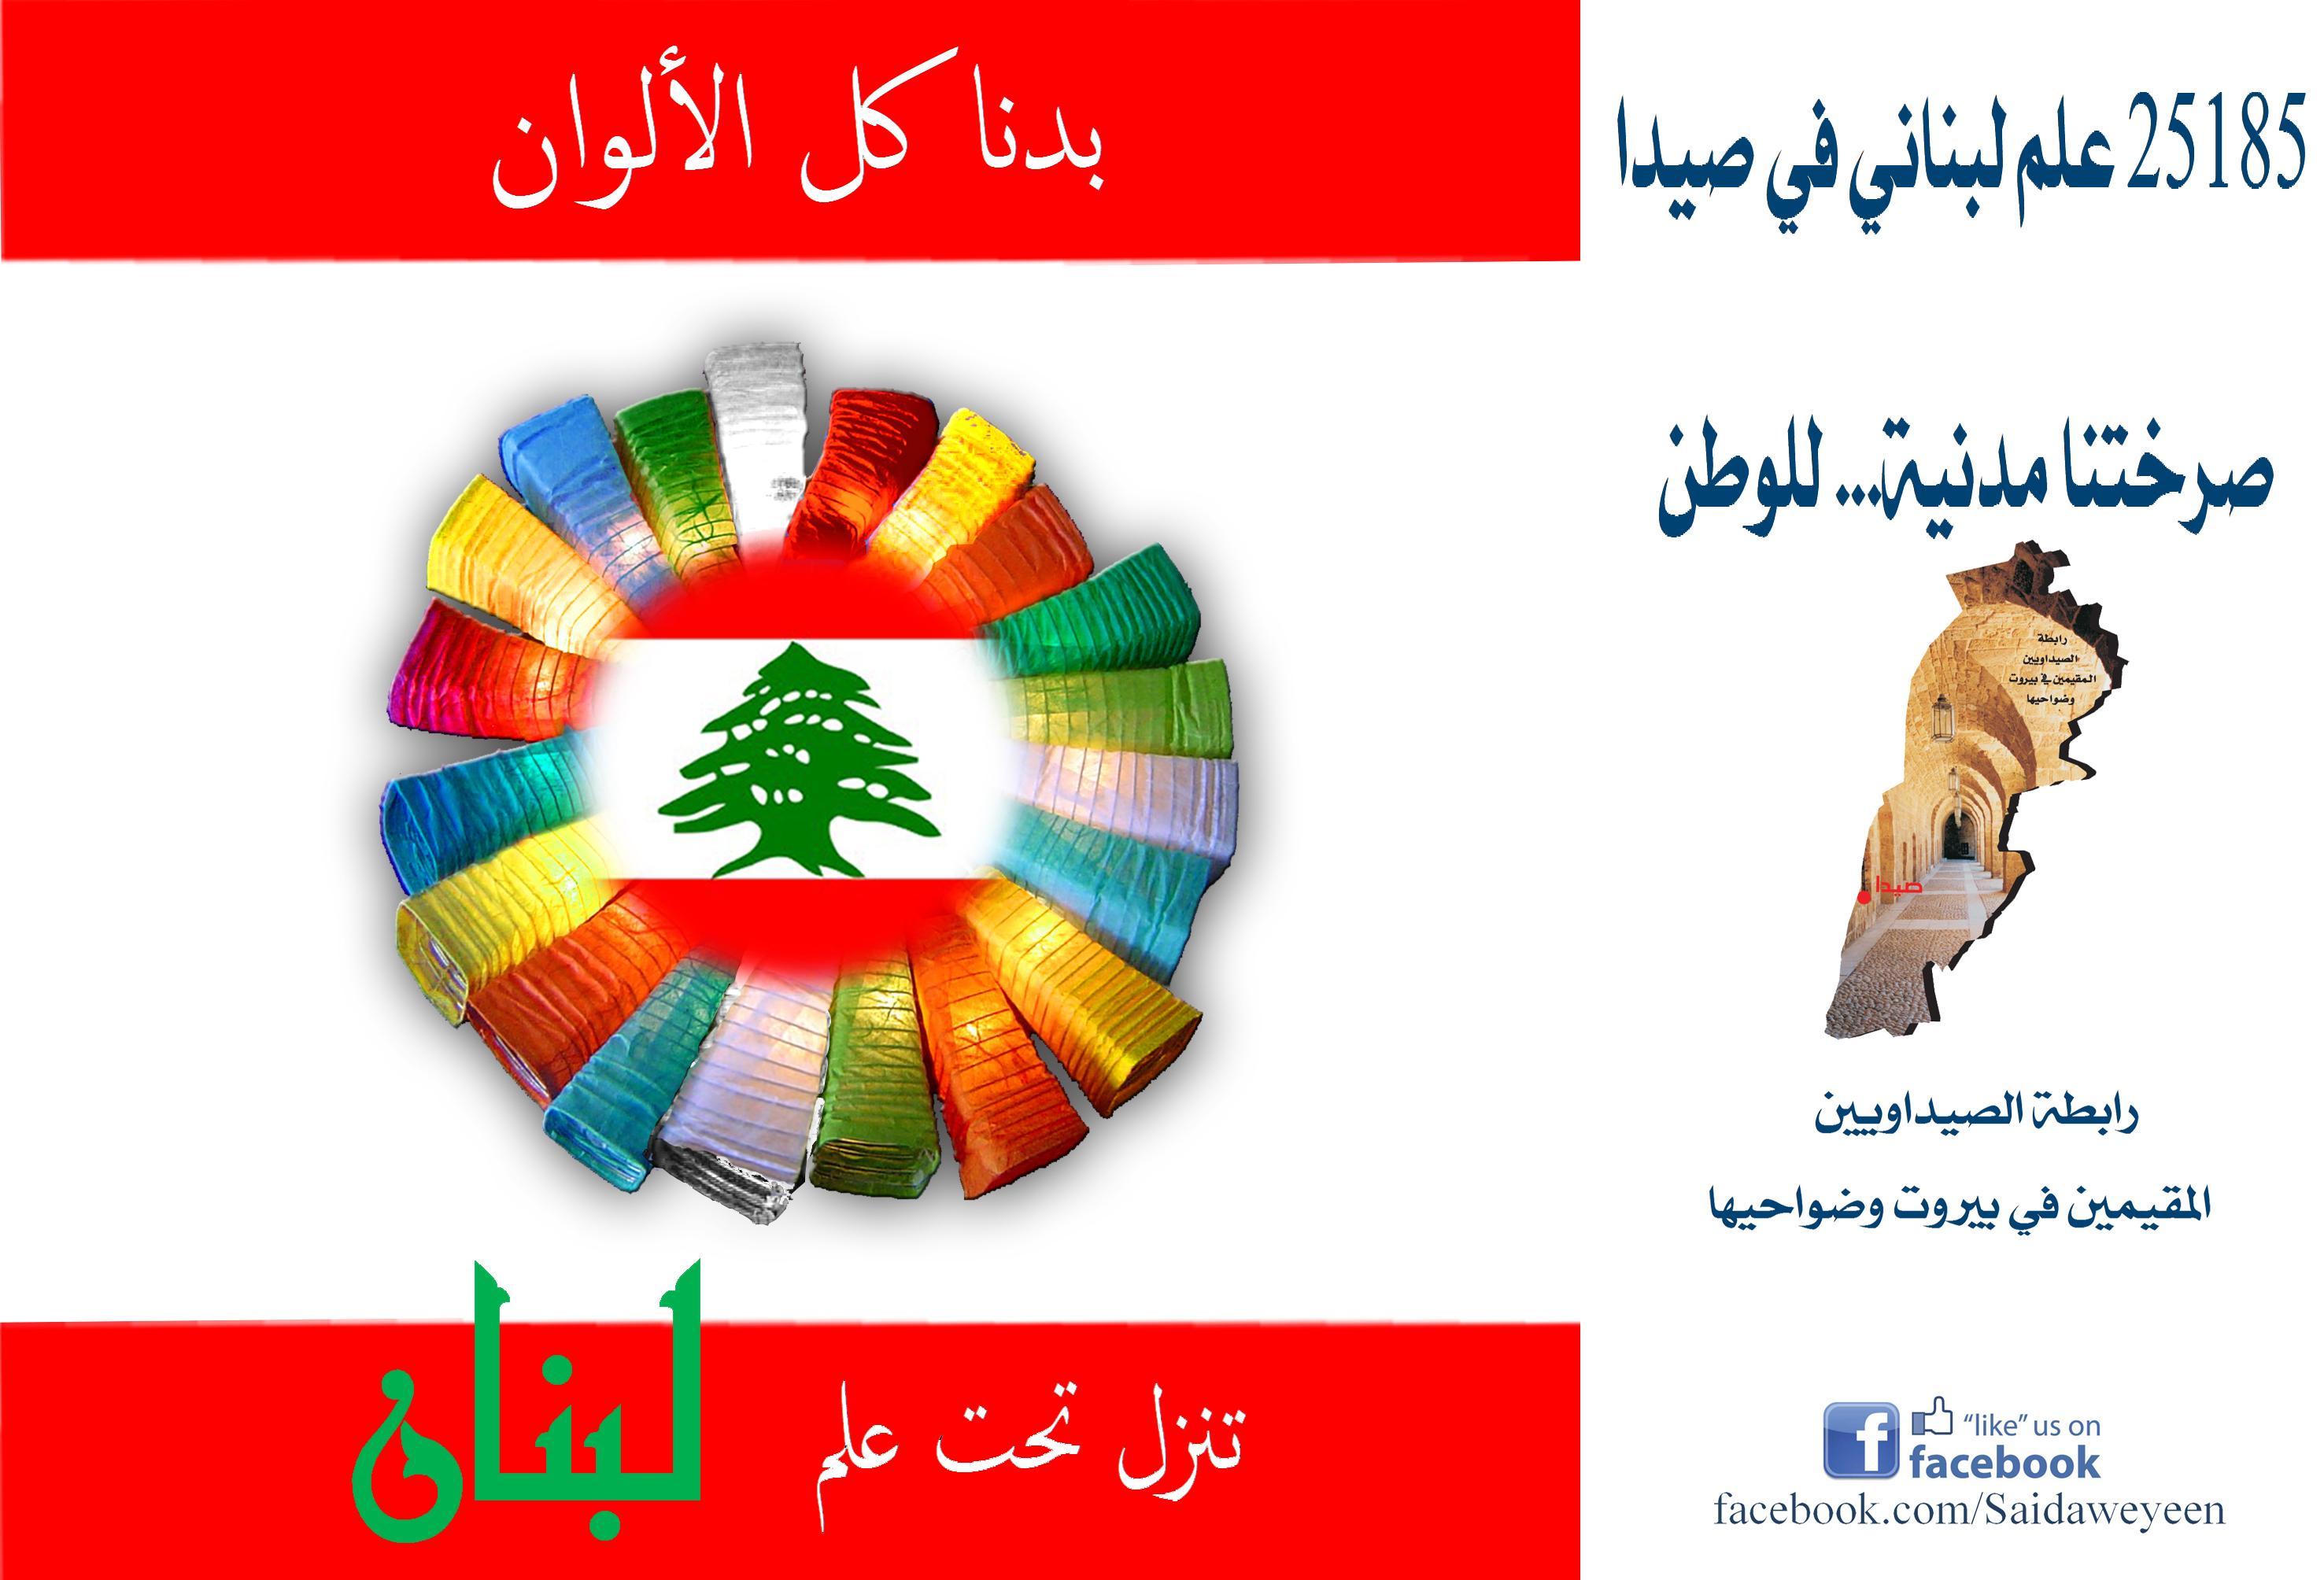 ��� ��� ����� , ������ ������� ����� , ��� ������ ���� ����� 2016 , Lebanon new_1422291819_294.j